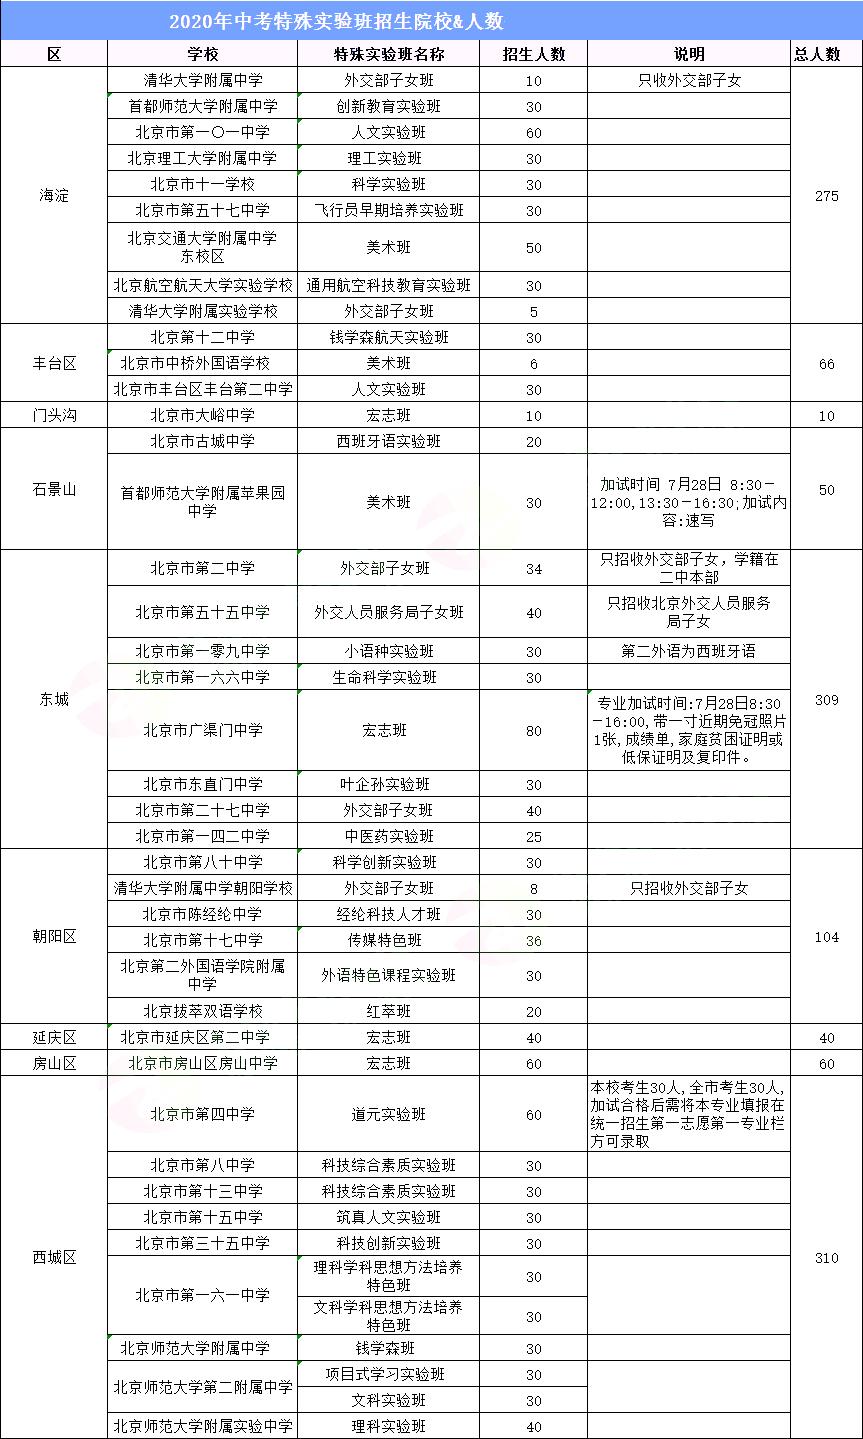 沐鸣平台总代-首页【1.1.8】